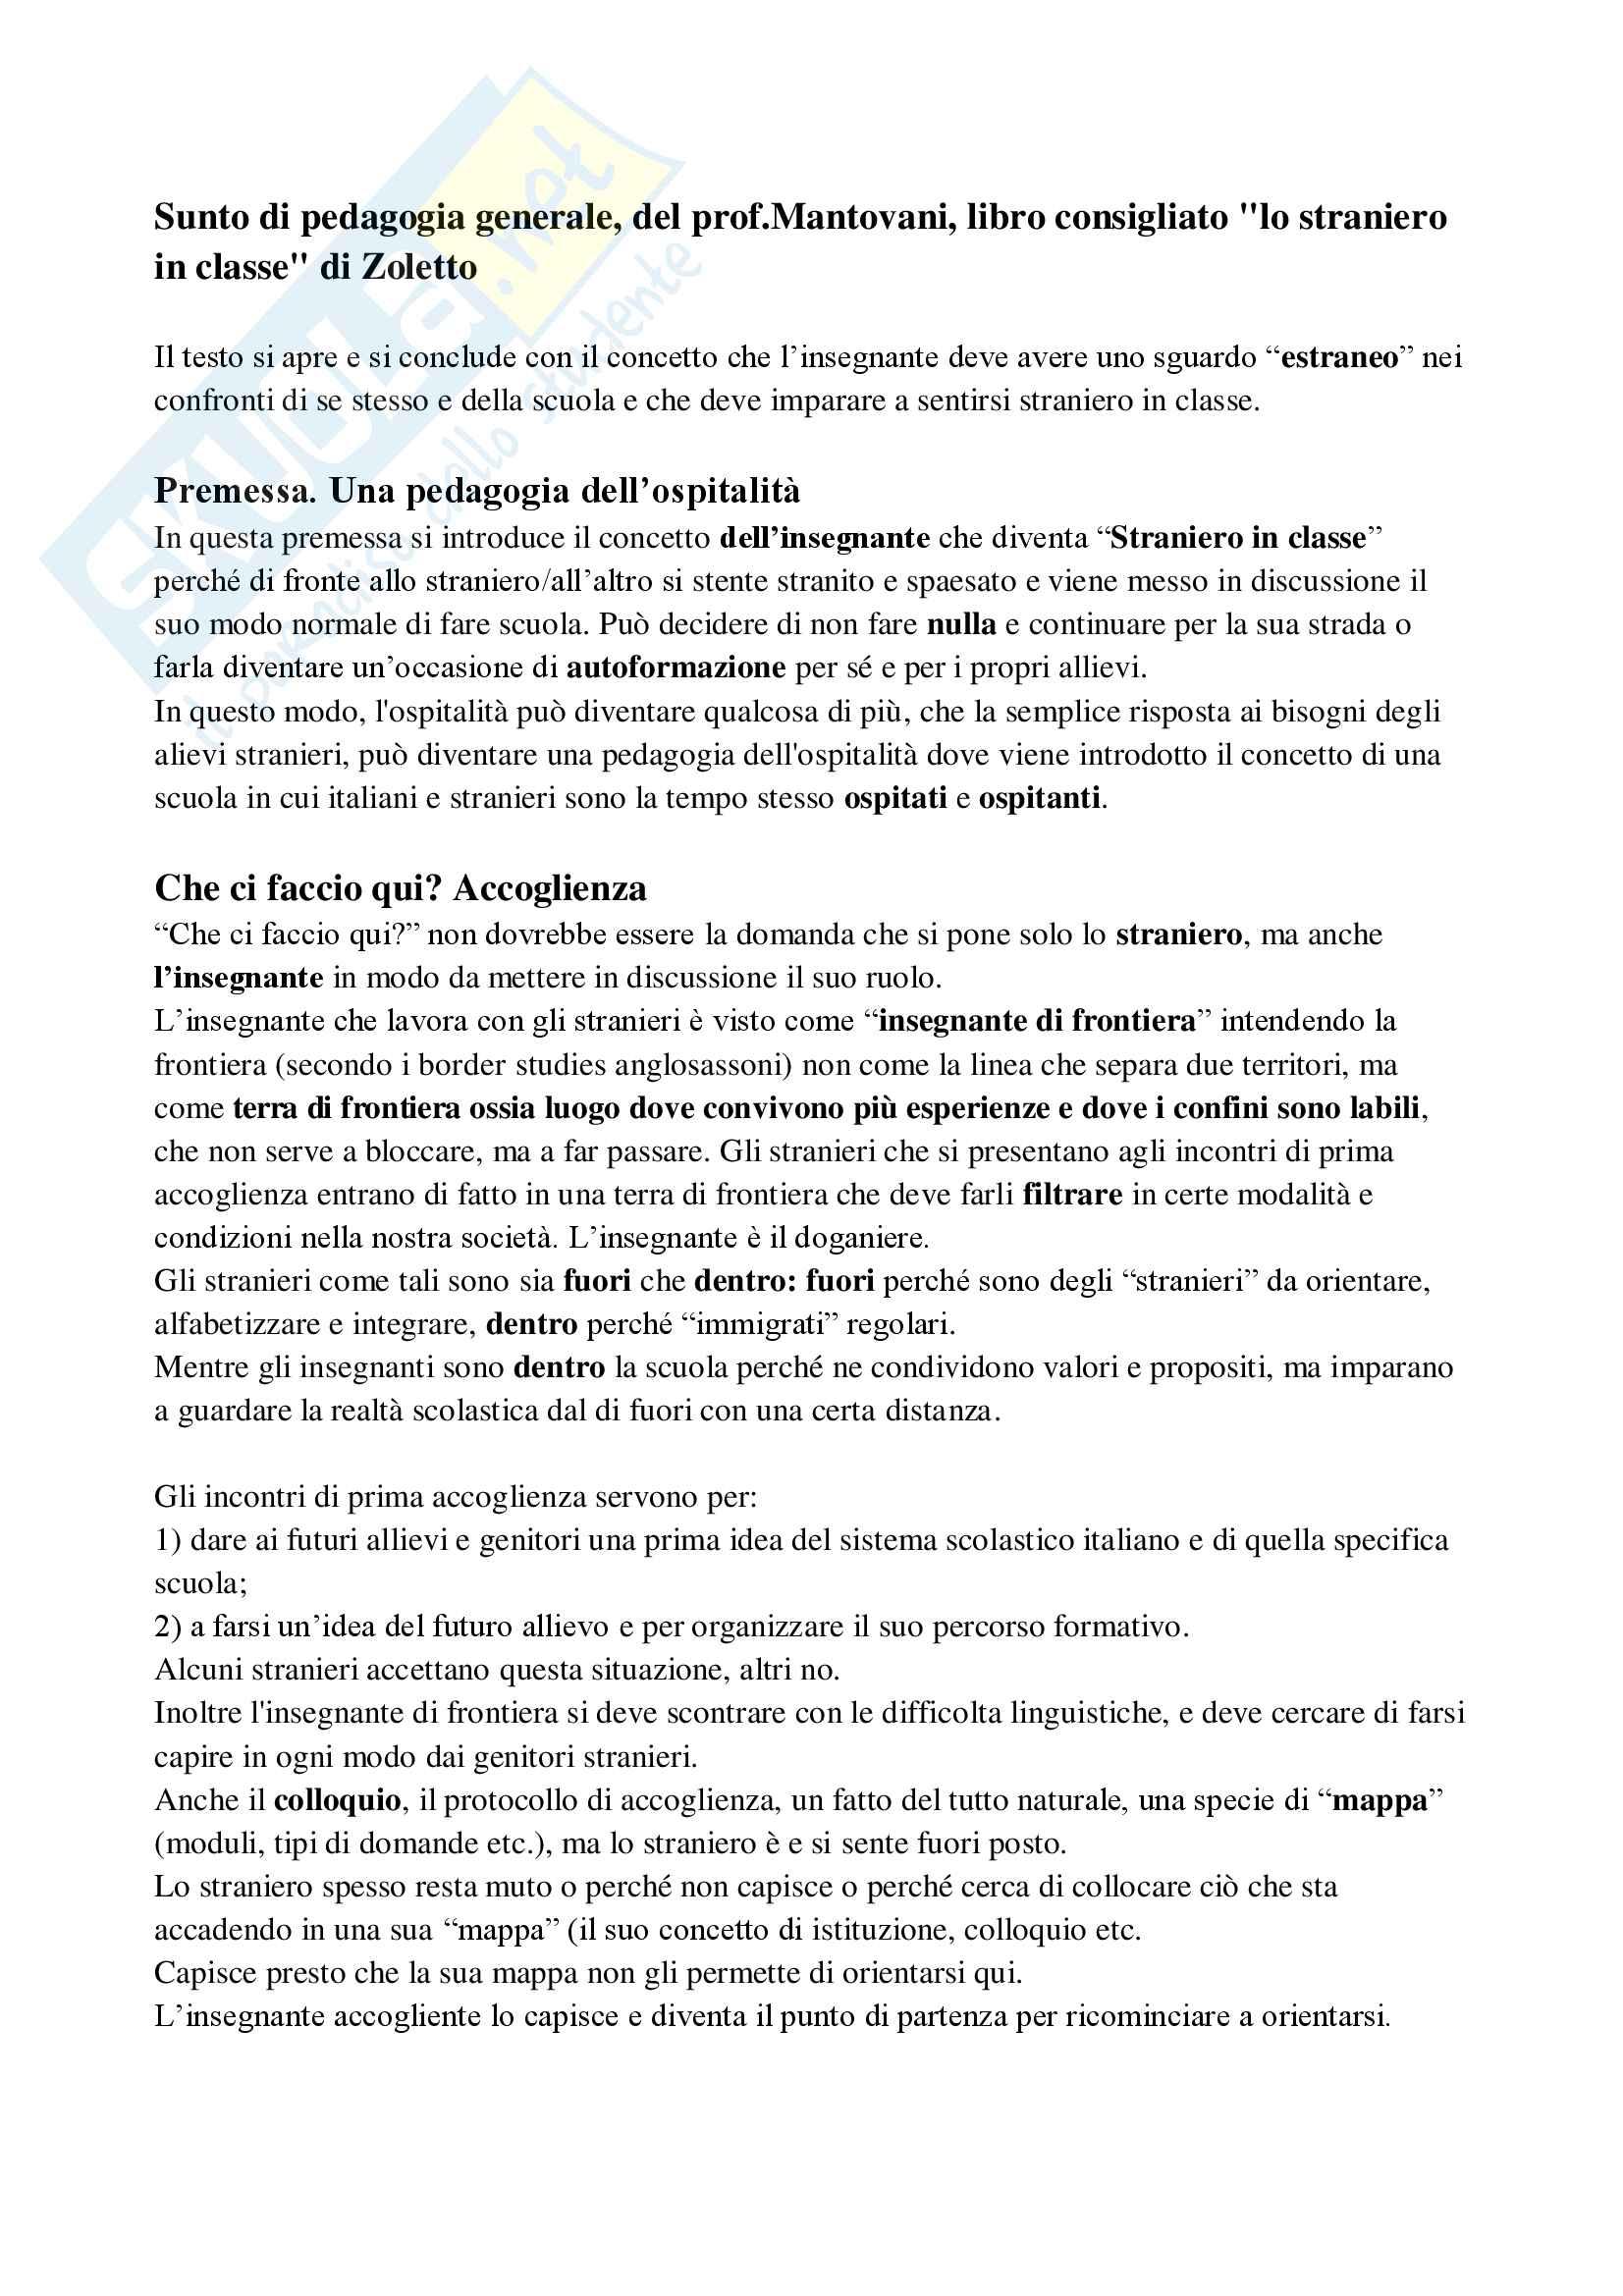 """Riassunto esame pedagogia generale, del prof.Mantovani, libro consigliato """"lo straniero in classe"""" di Zoletto"""